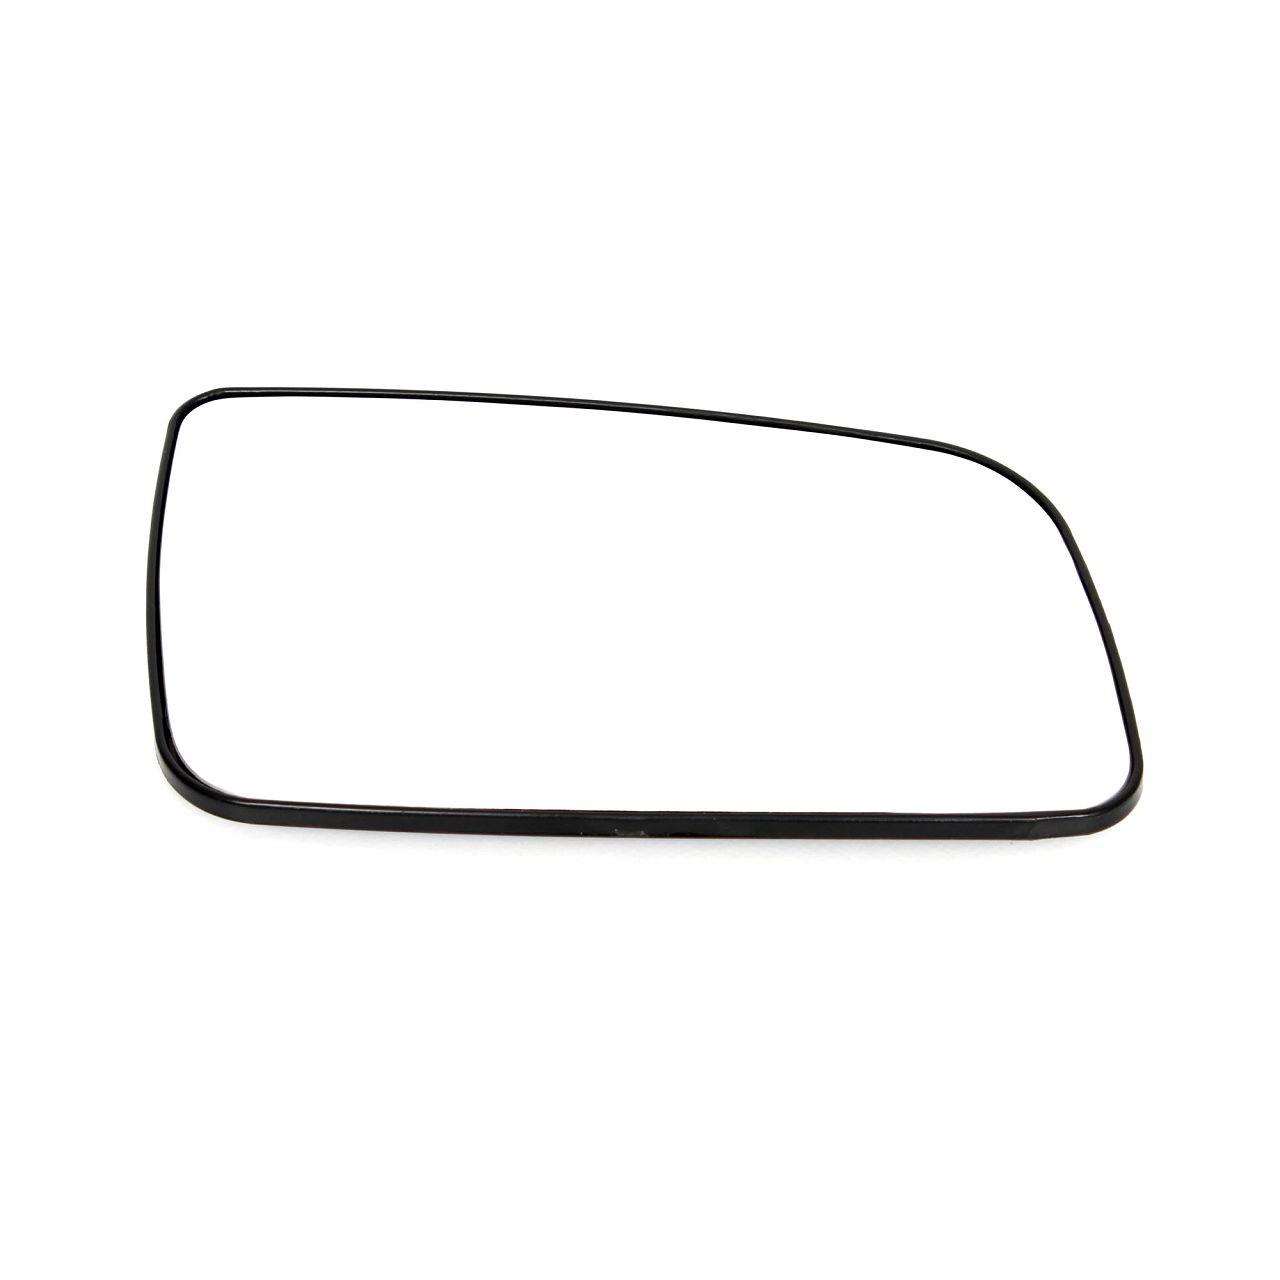 Außenspiegel Spiegelglas ELEKTRISCH für OPEL Astra G (nicht Coupe & Cabrio) rechts